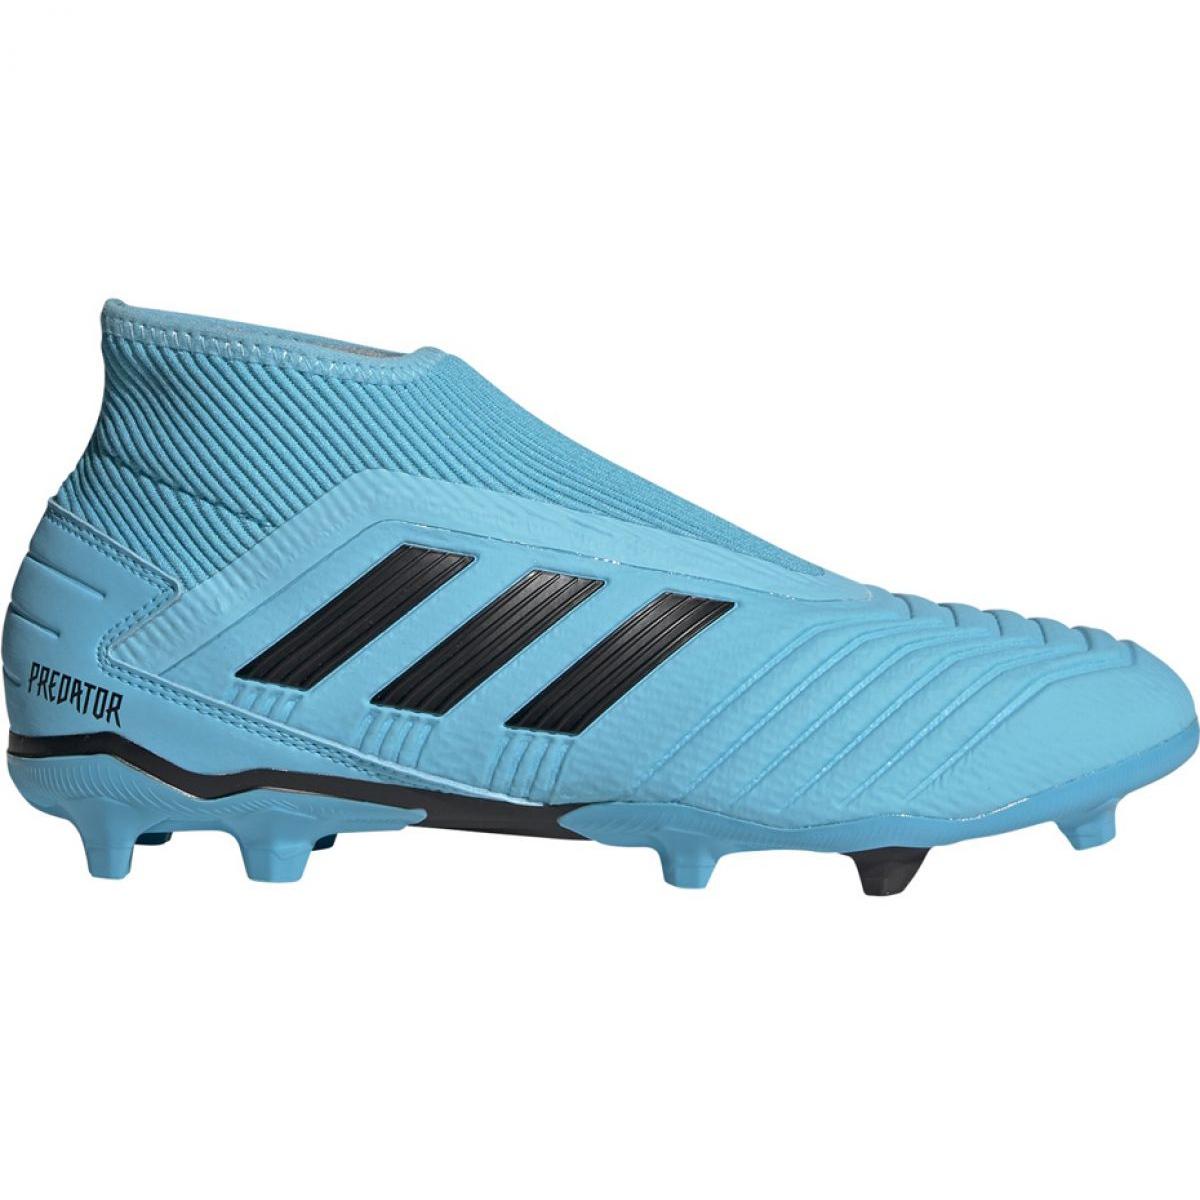 Dettagli su Scarpe da calcio Adidas Predator 19.3 Ll Fg M G27923 blu nero, blu